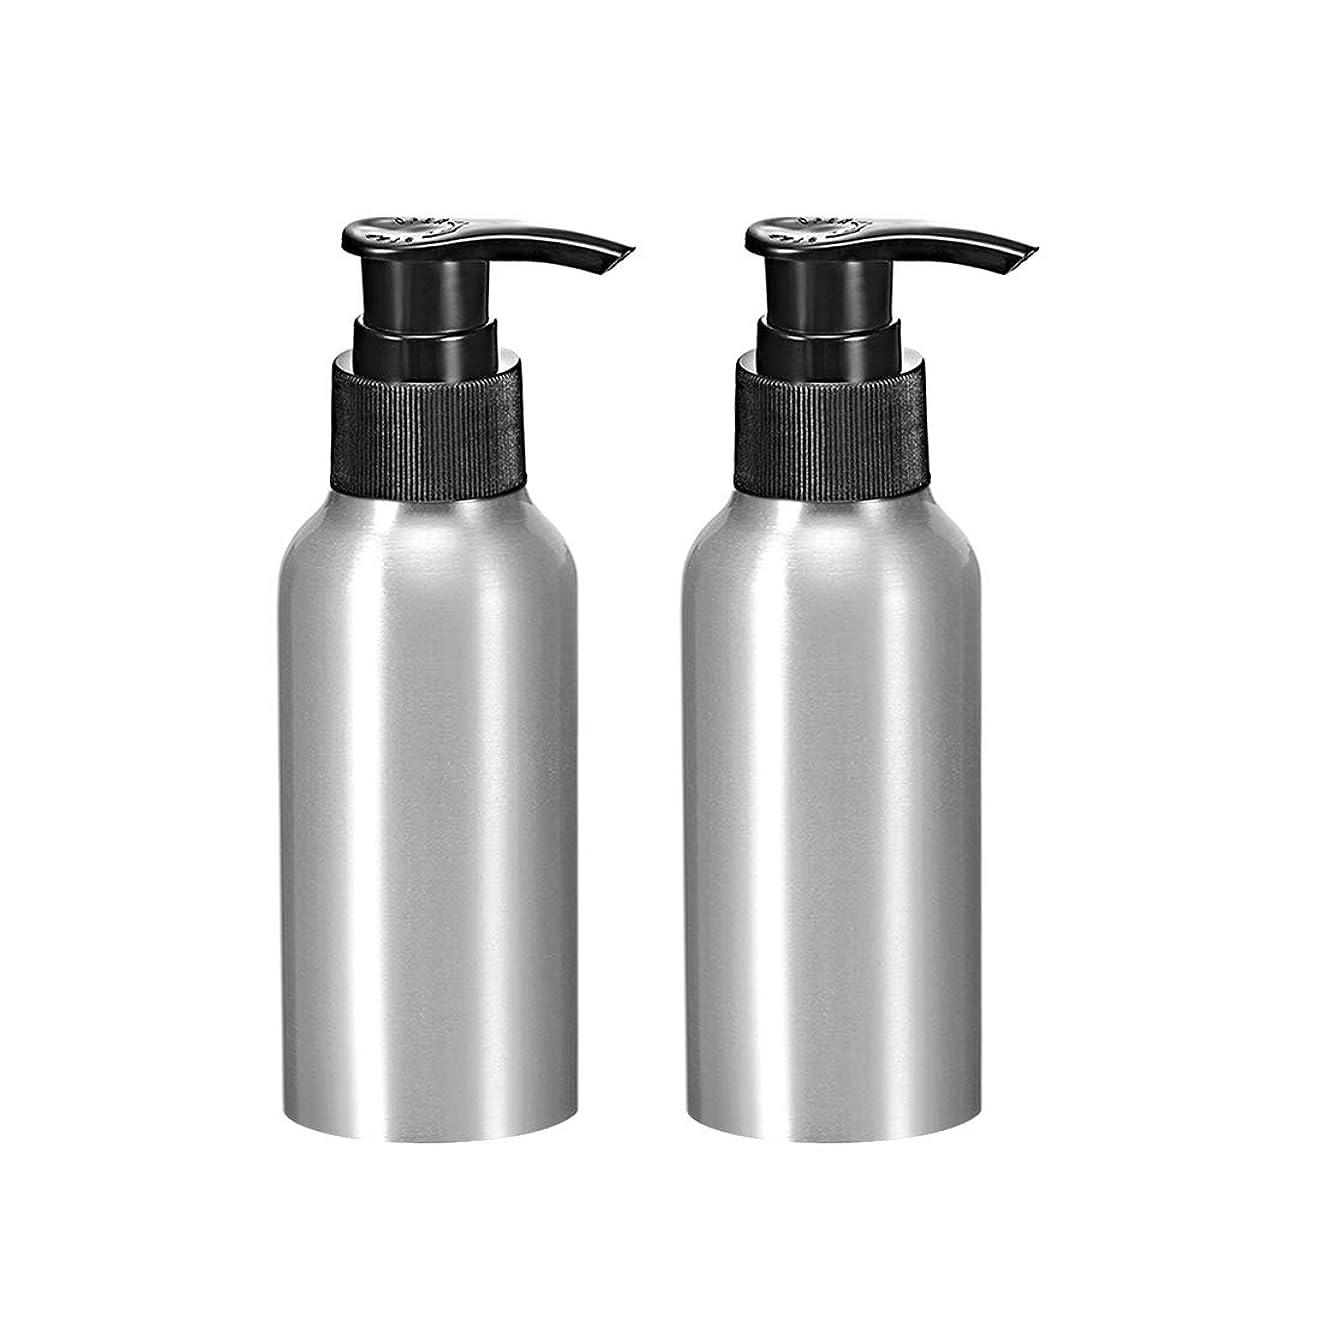 ティッシュ才能のあるオプショナルuxcell uxcell アルミスプレーボトル ブラックファインミストスプレー付き 空の詰め替え式コンテナ トラベルボトル 4oz/120ml 2個入り